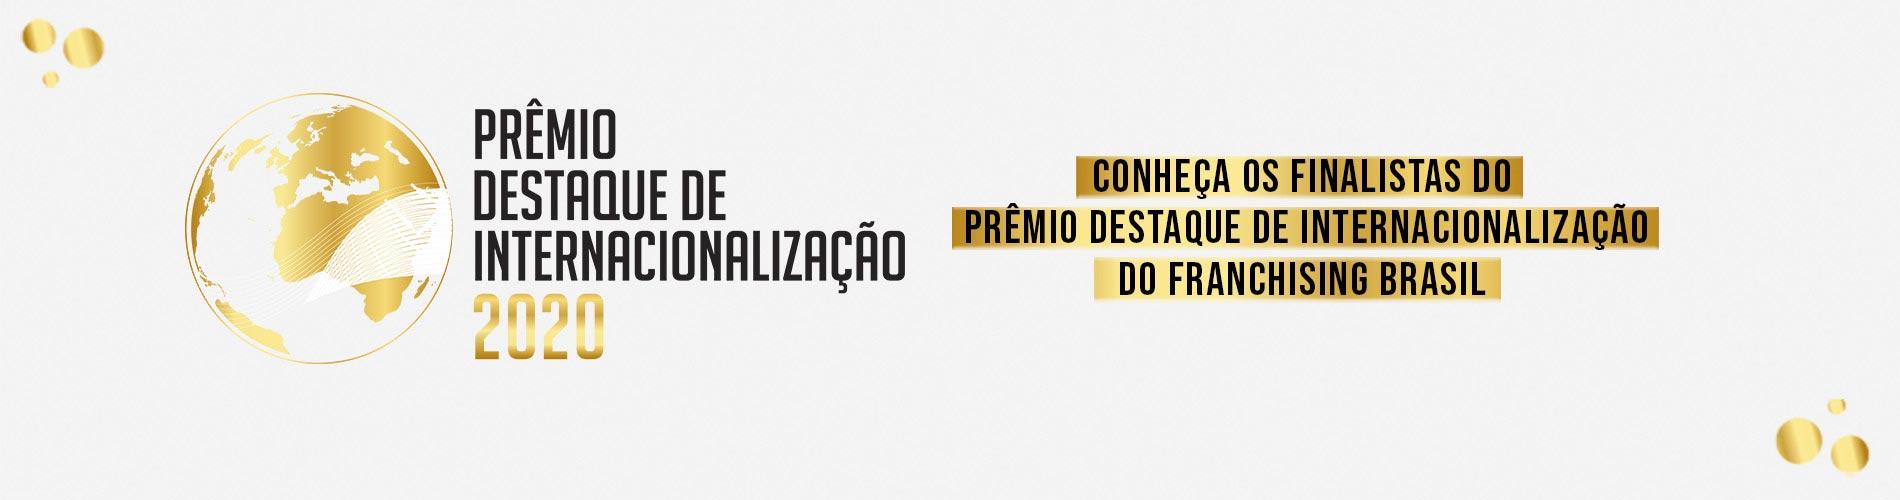 premio-destaque-de-internacionalizacao-2020-port